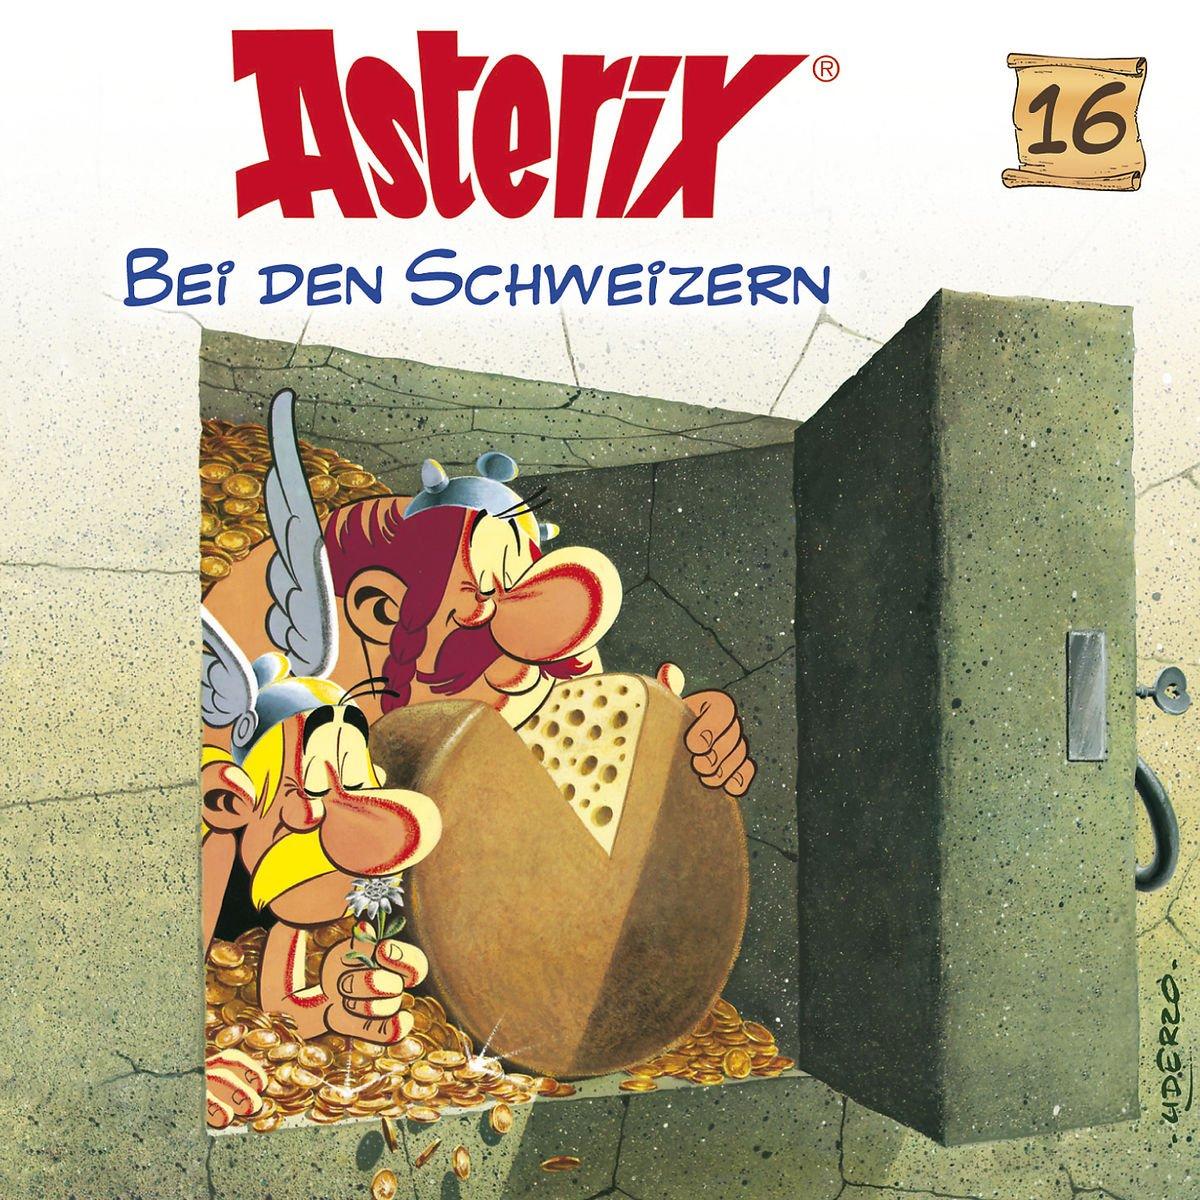 Asterix (16) bei den Schweizern (Karussell)